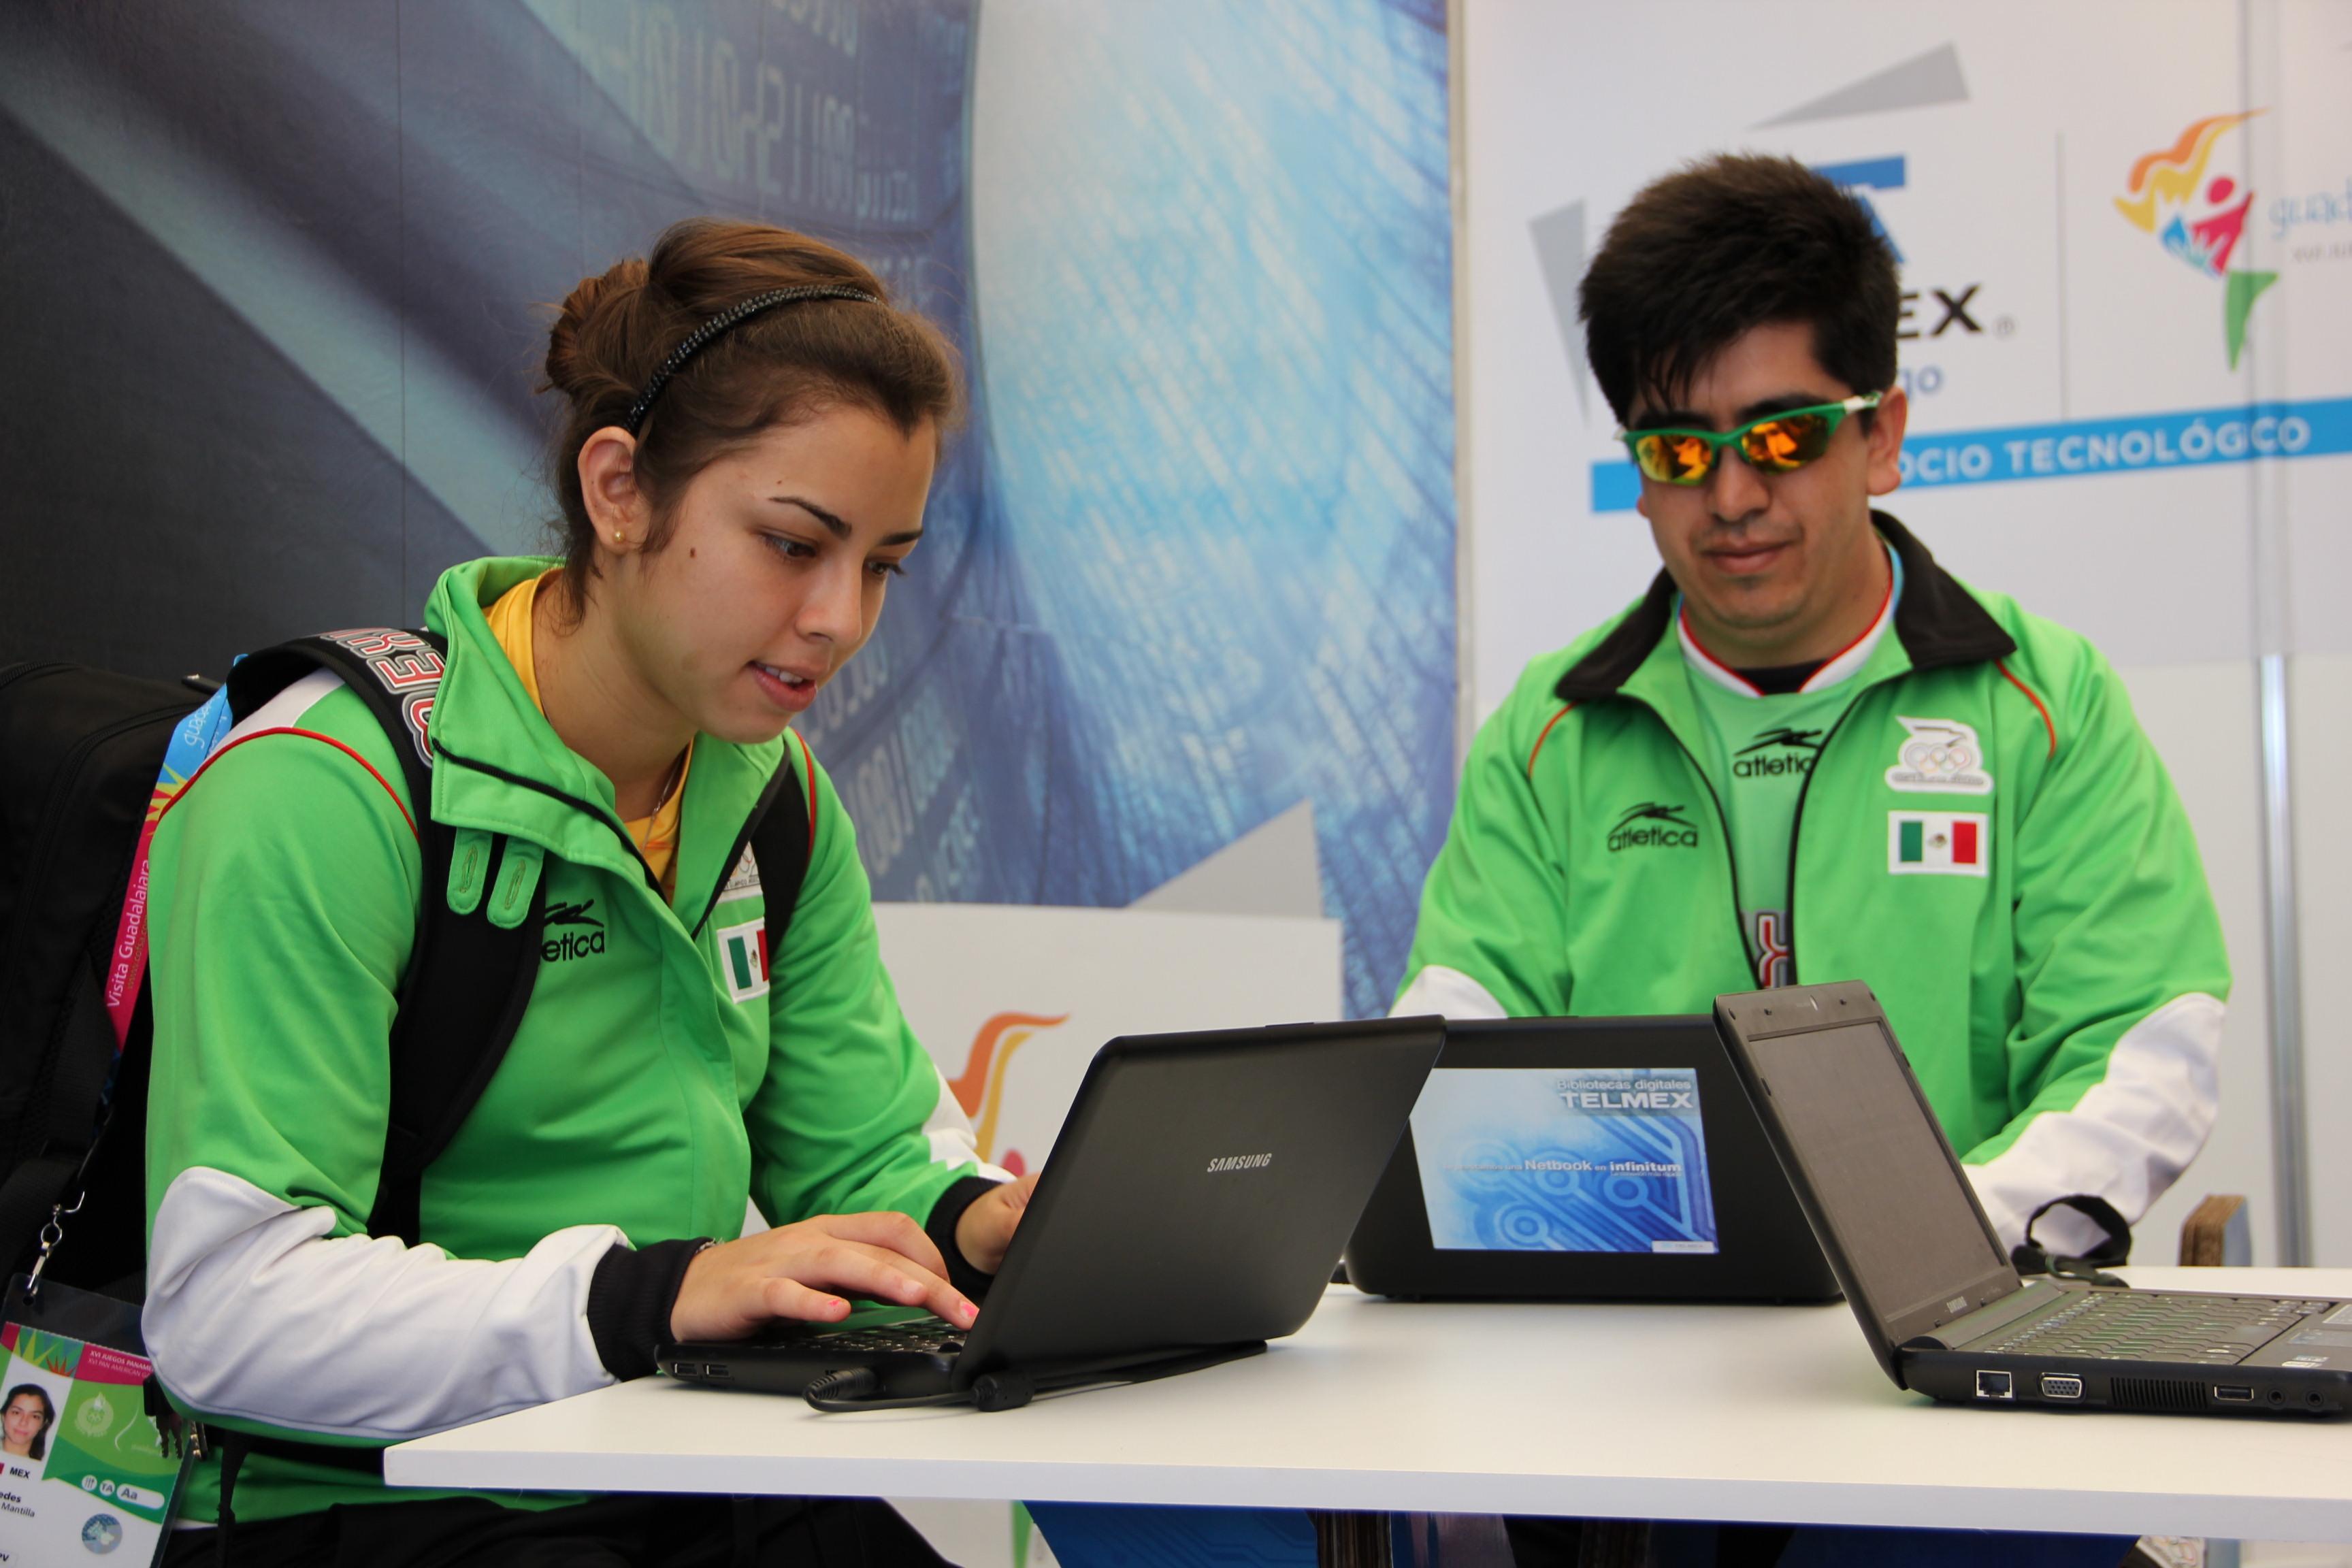 Mantenimiento informático Madrid – Problemas con la contratación de internet: mantenimiento informático Centro